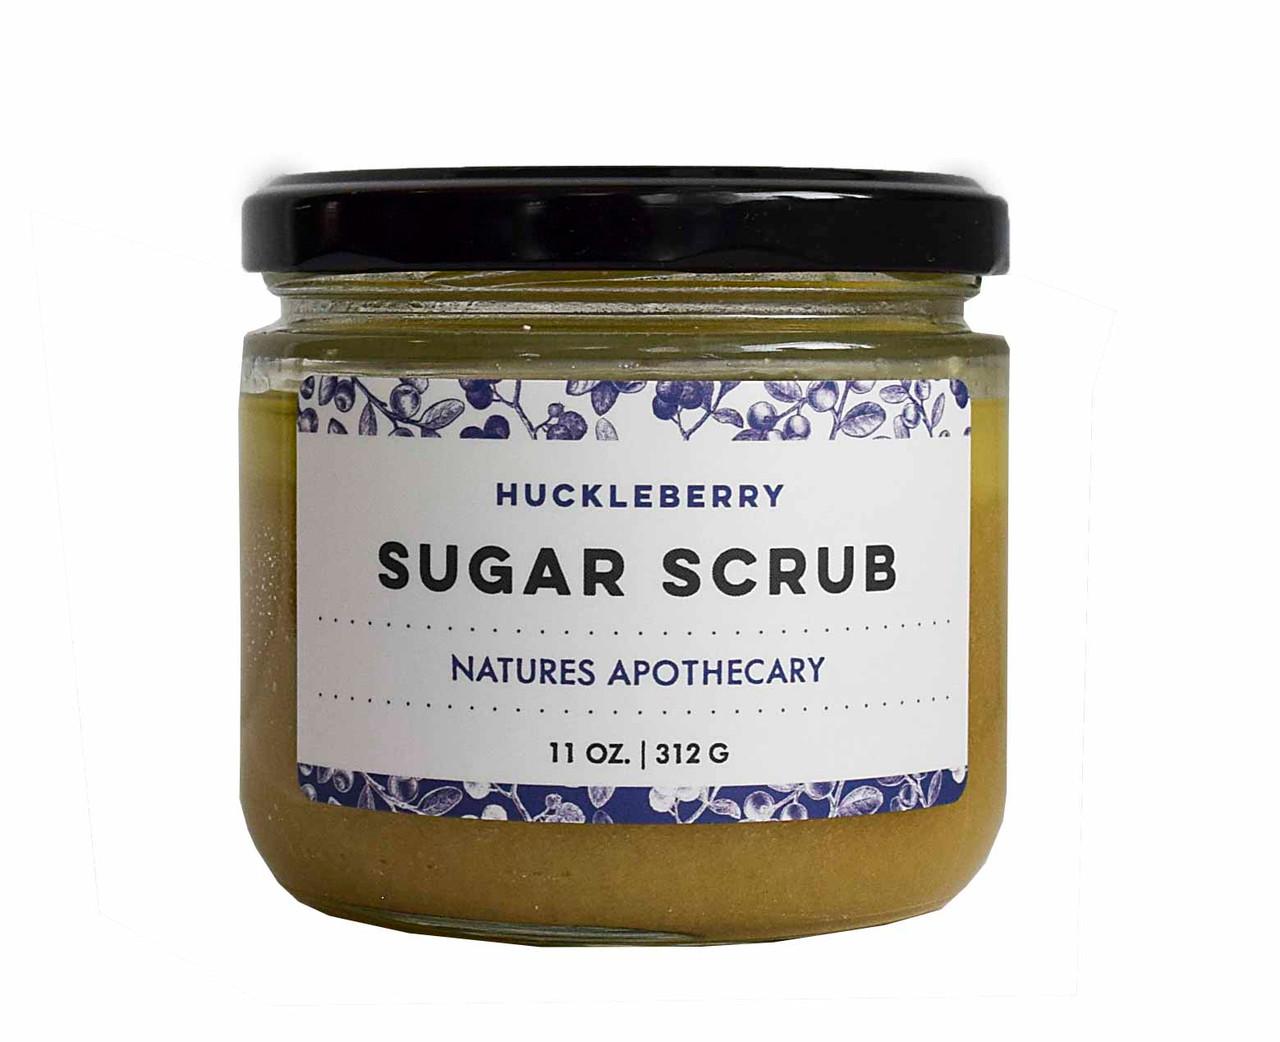 DAYSPA Body Basics Huckleberry Body Sugar Scrub = glowing, smooth, healthy skin